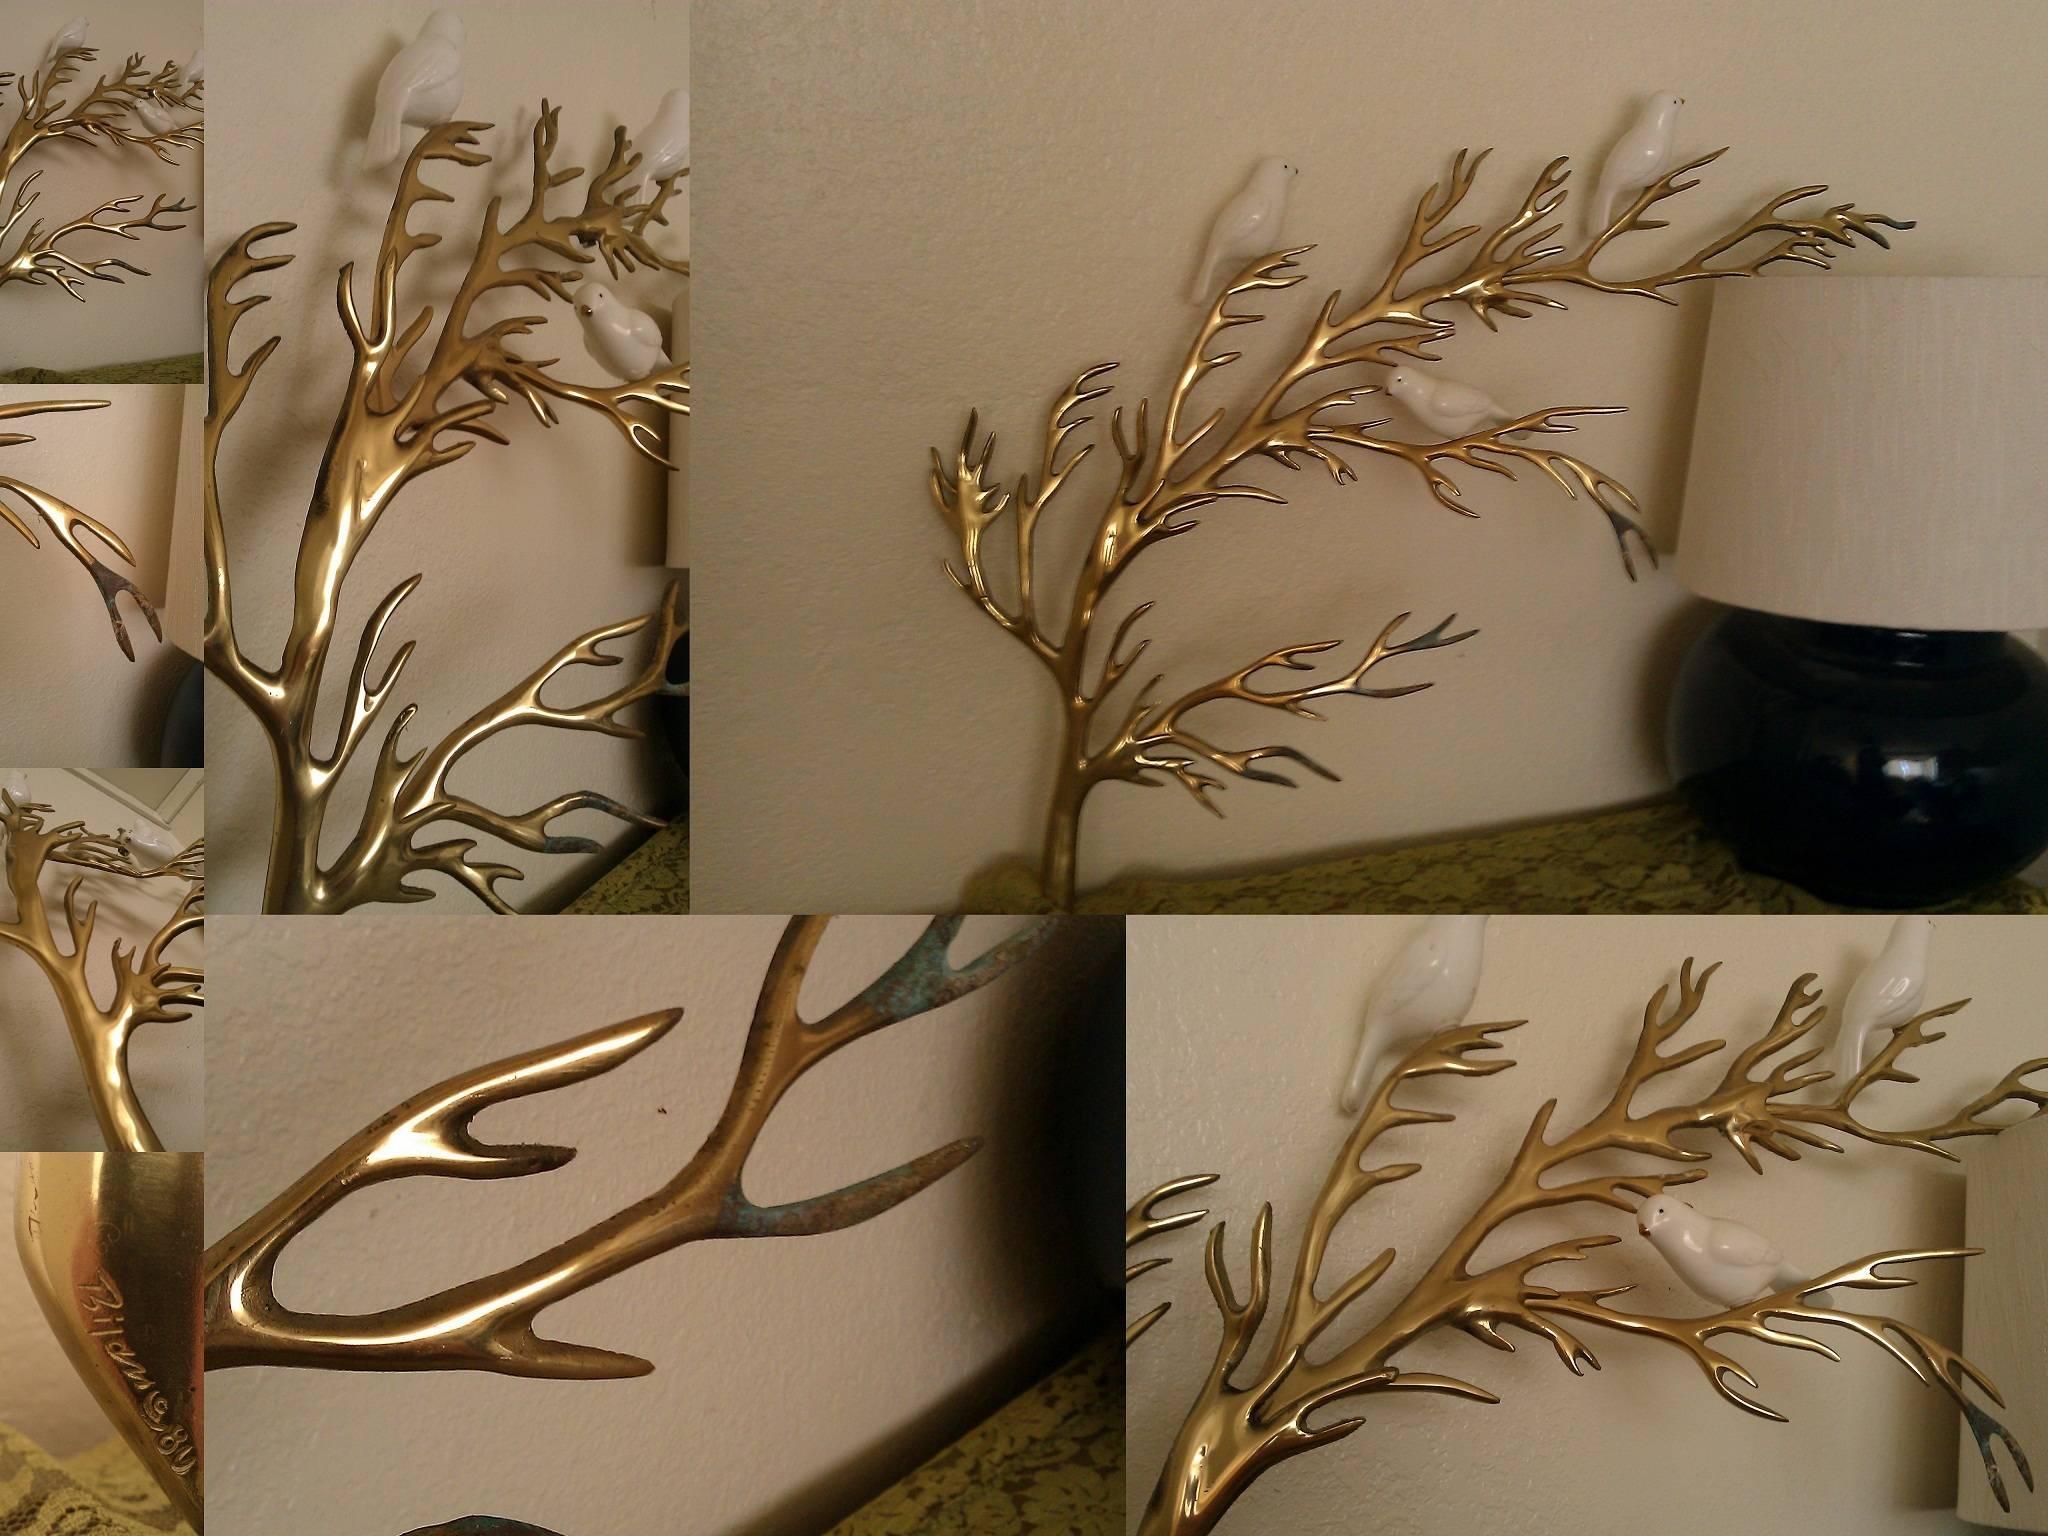 Wall Art Designs: Wall Art Sculpture Rare Vintage Bijan Brass Tree Regarding Most Current 3d Metal Wall Art Sculptures (View 13 of 20)